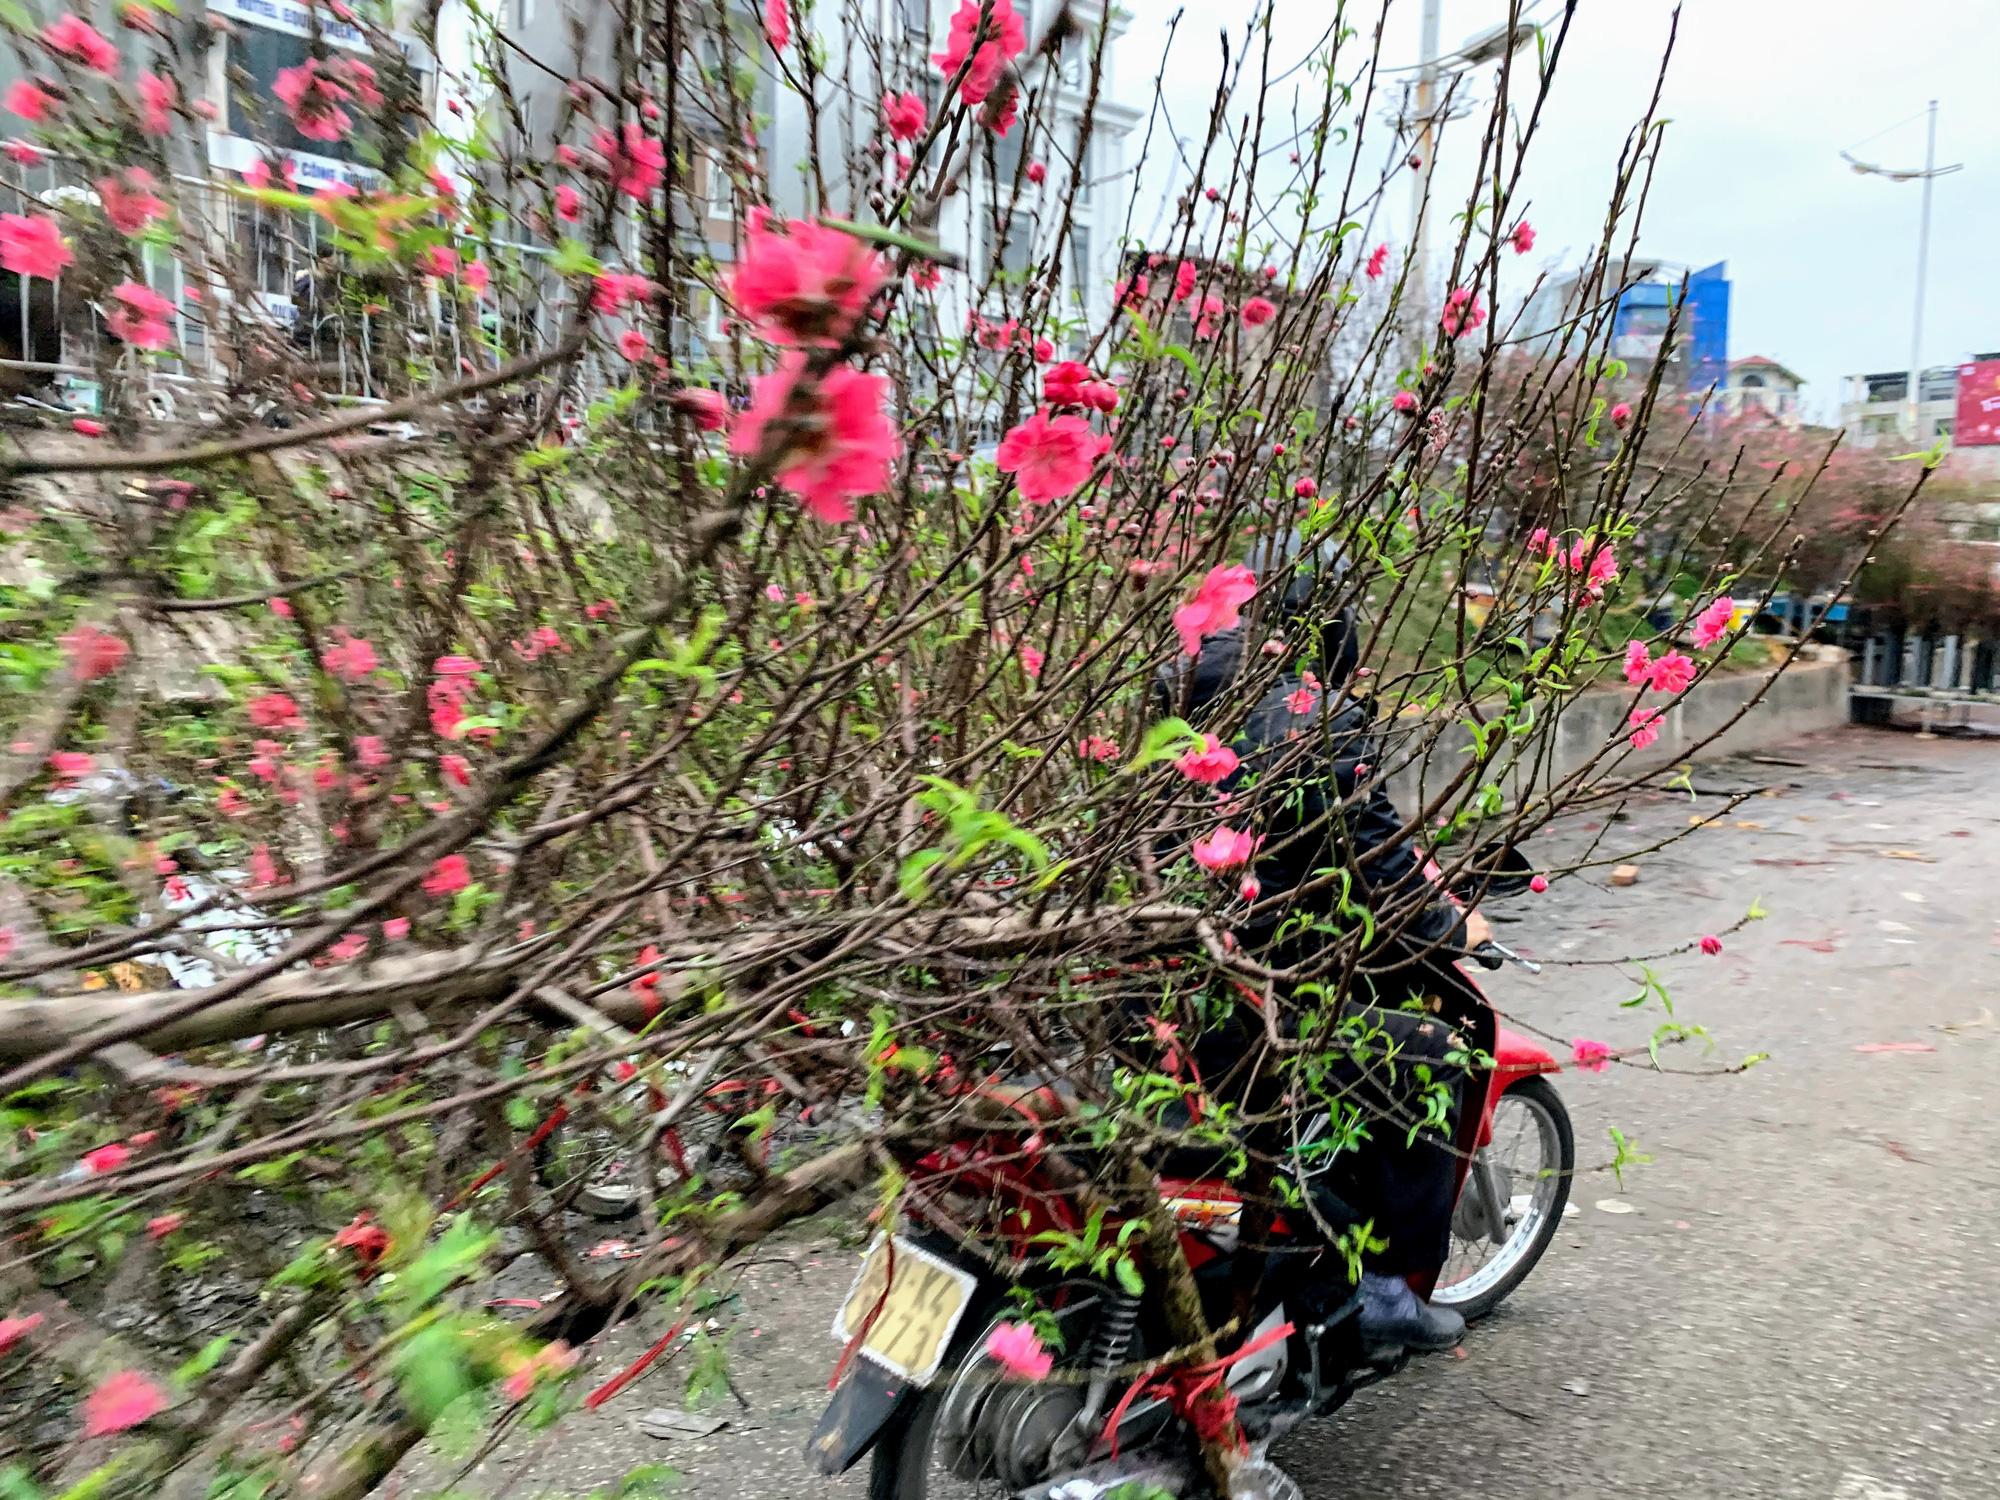 Chiều cuối năm, đột nhập chợ hoa xuân xem người Hà Nội sắm Tết - Ảnh 5.